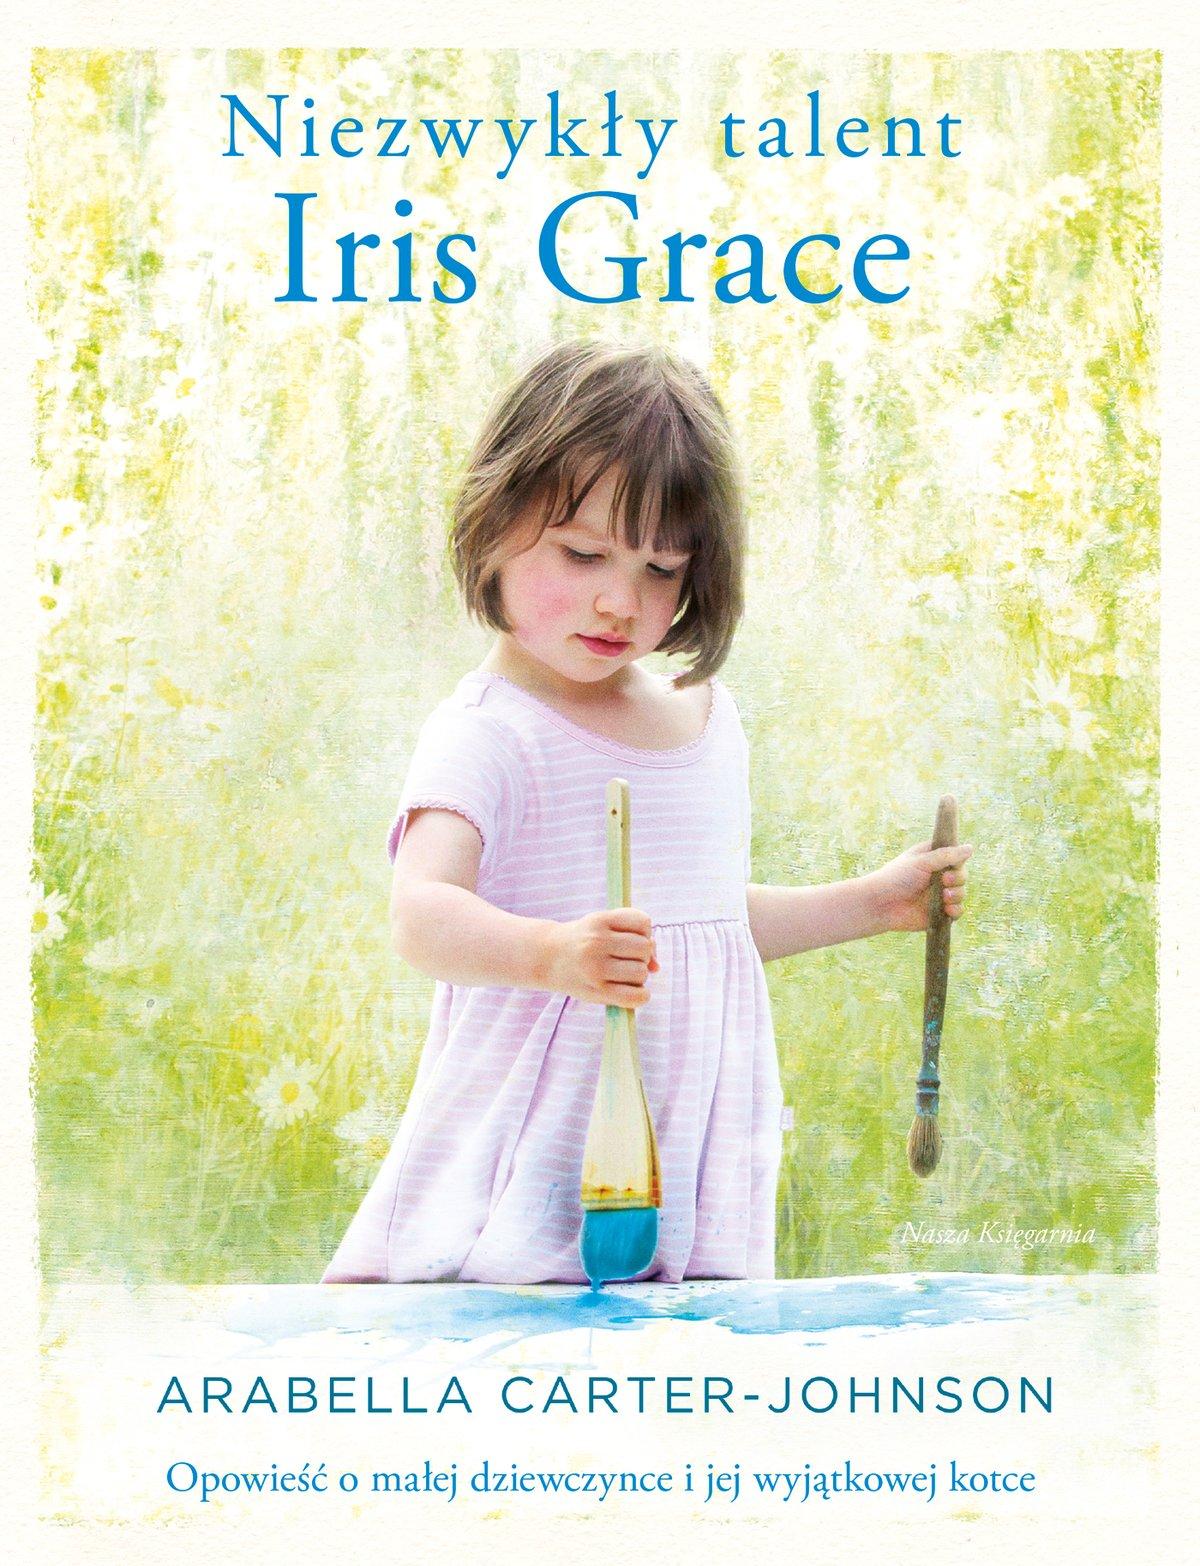 Niezwykły talent Iris Grace. Opowieść o małej dziewczynce i jej wyjątkowej kotce - Ebook (Książka EPUB) do pobrania w formacie EPUB